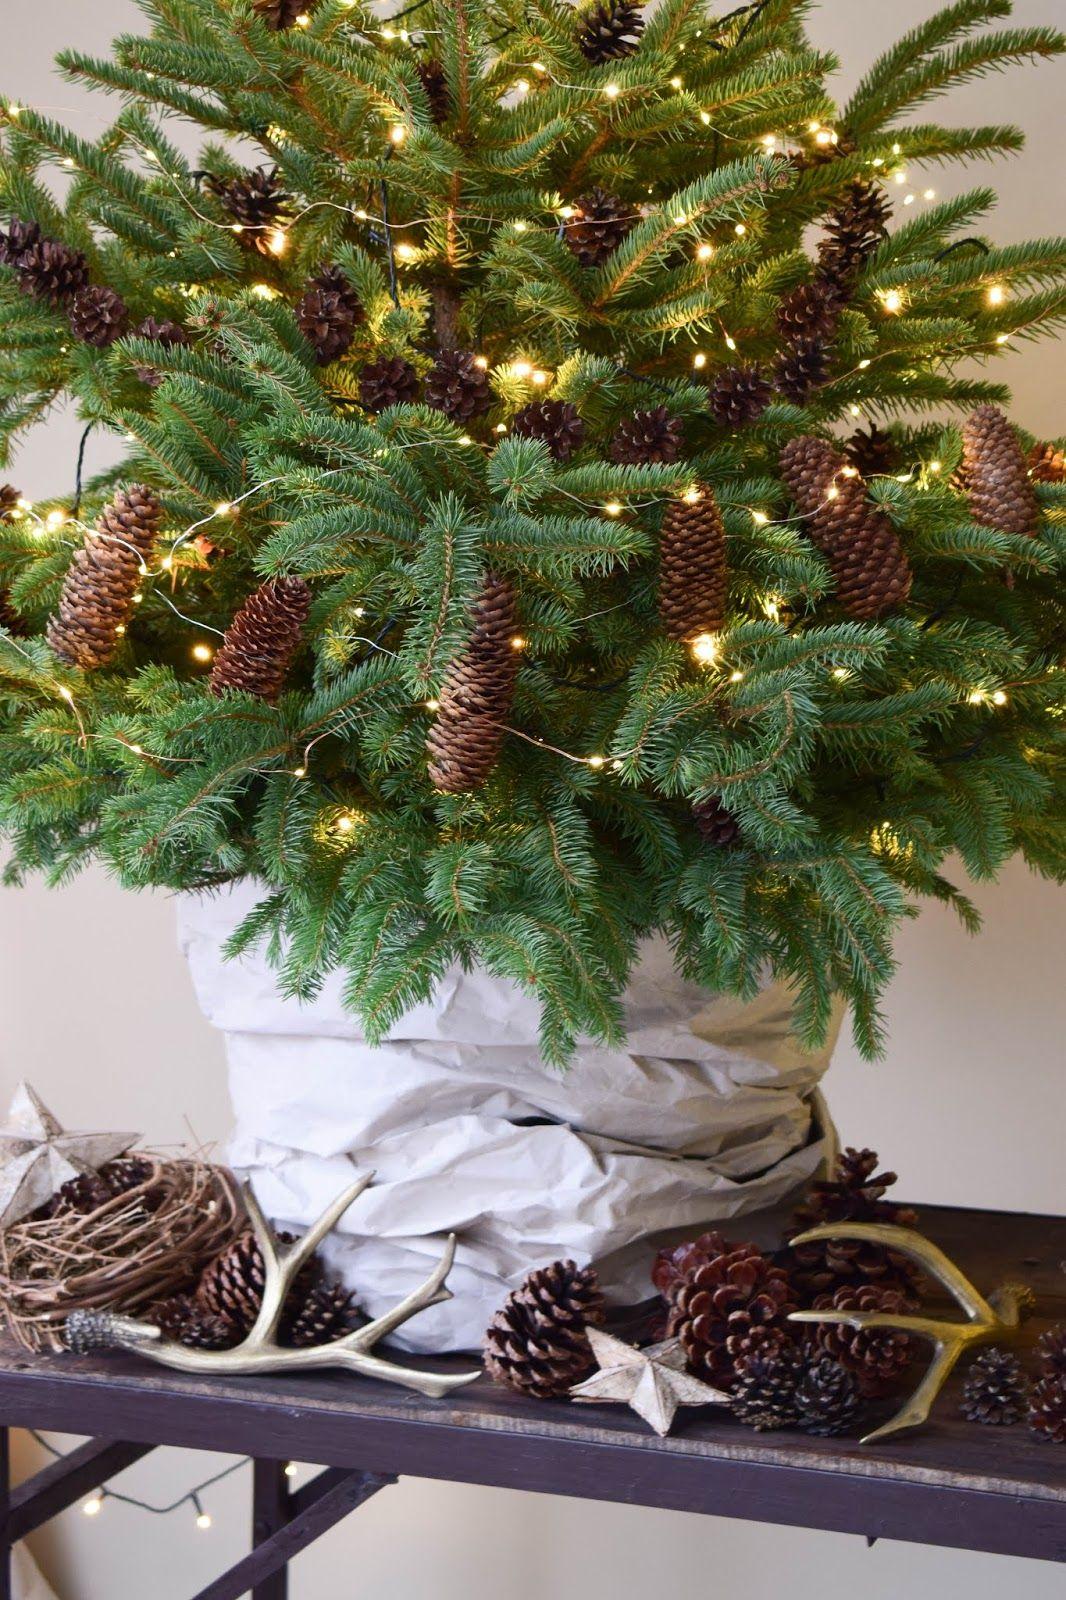 weihnachtsbaum dekorieren weihnachtsbaumschmuck basteln. Black Bedroom Furniture Sets. Home Design Ideas